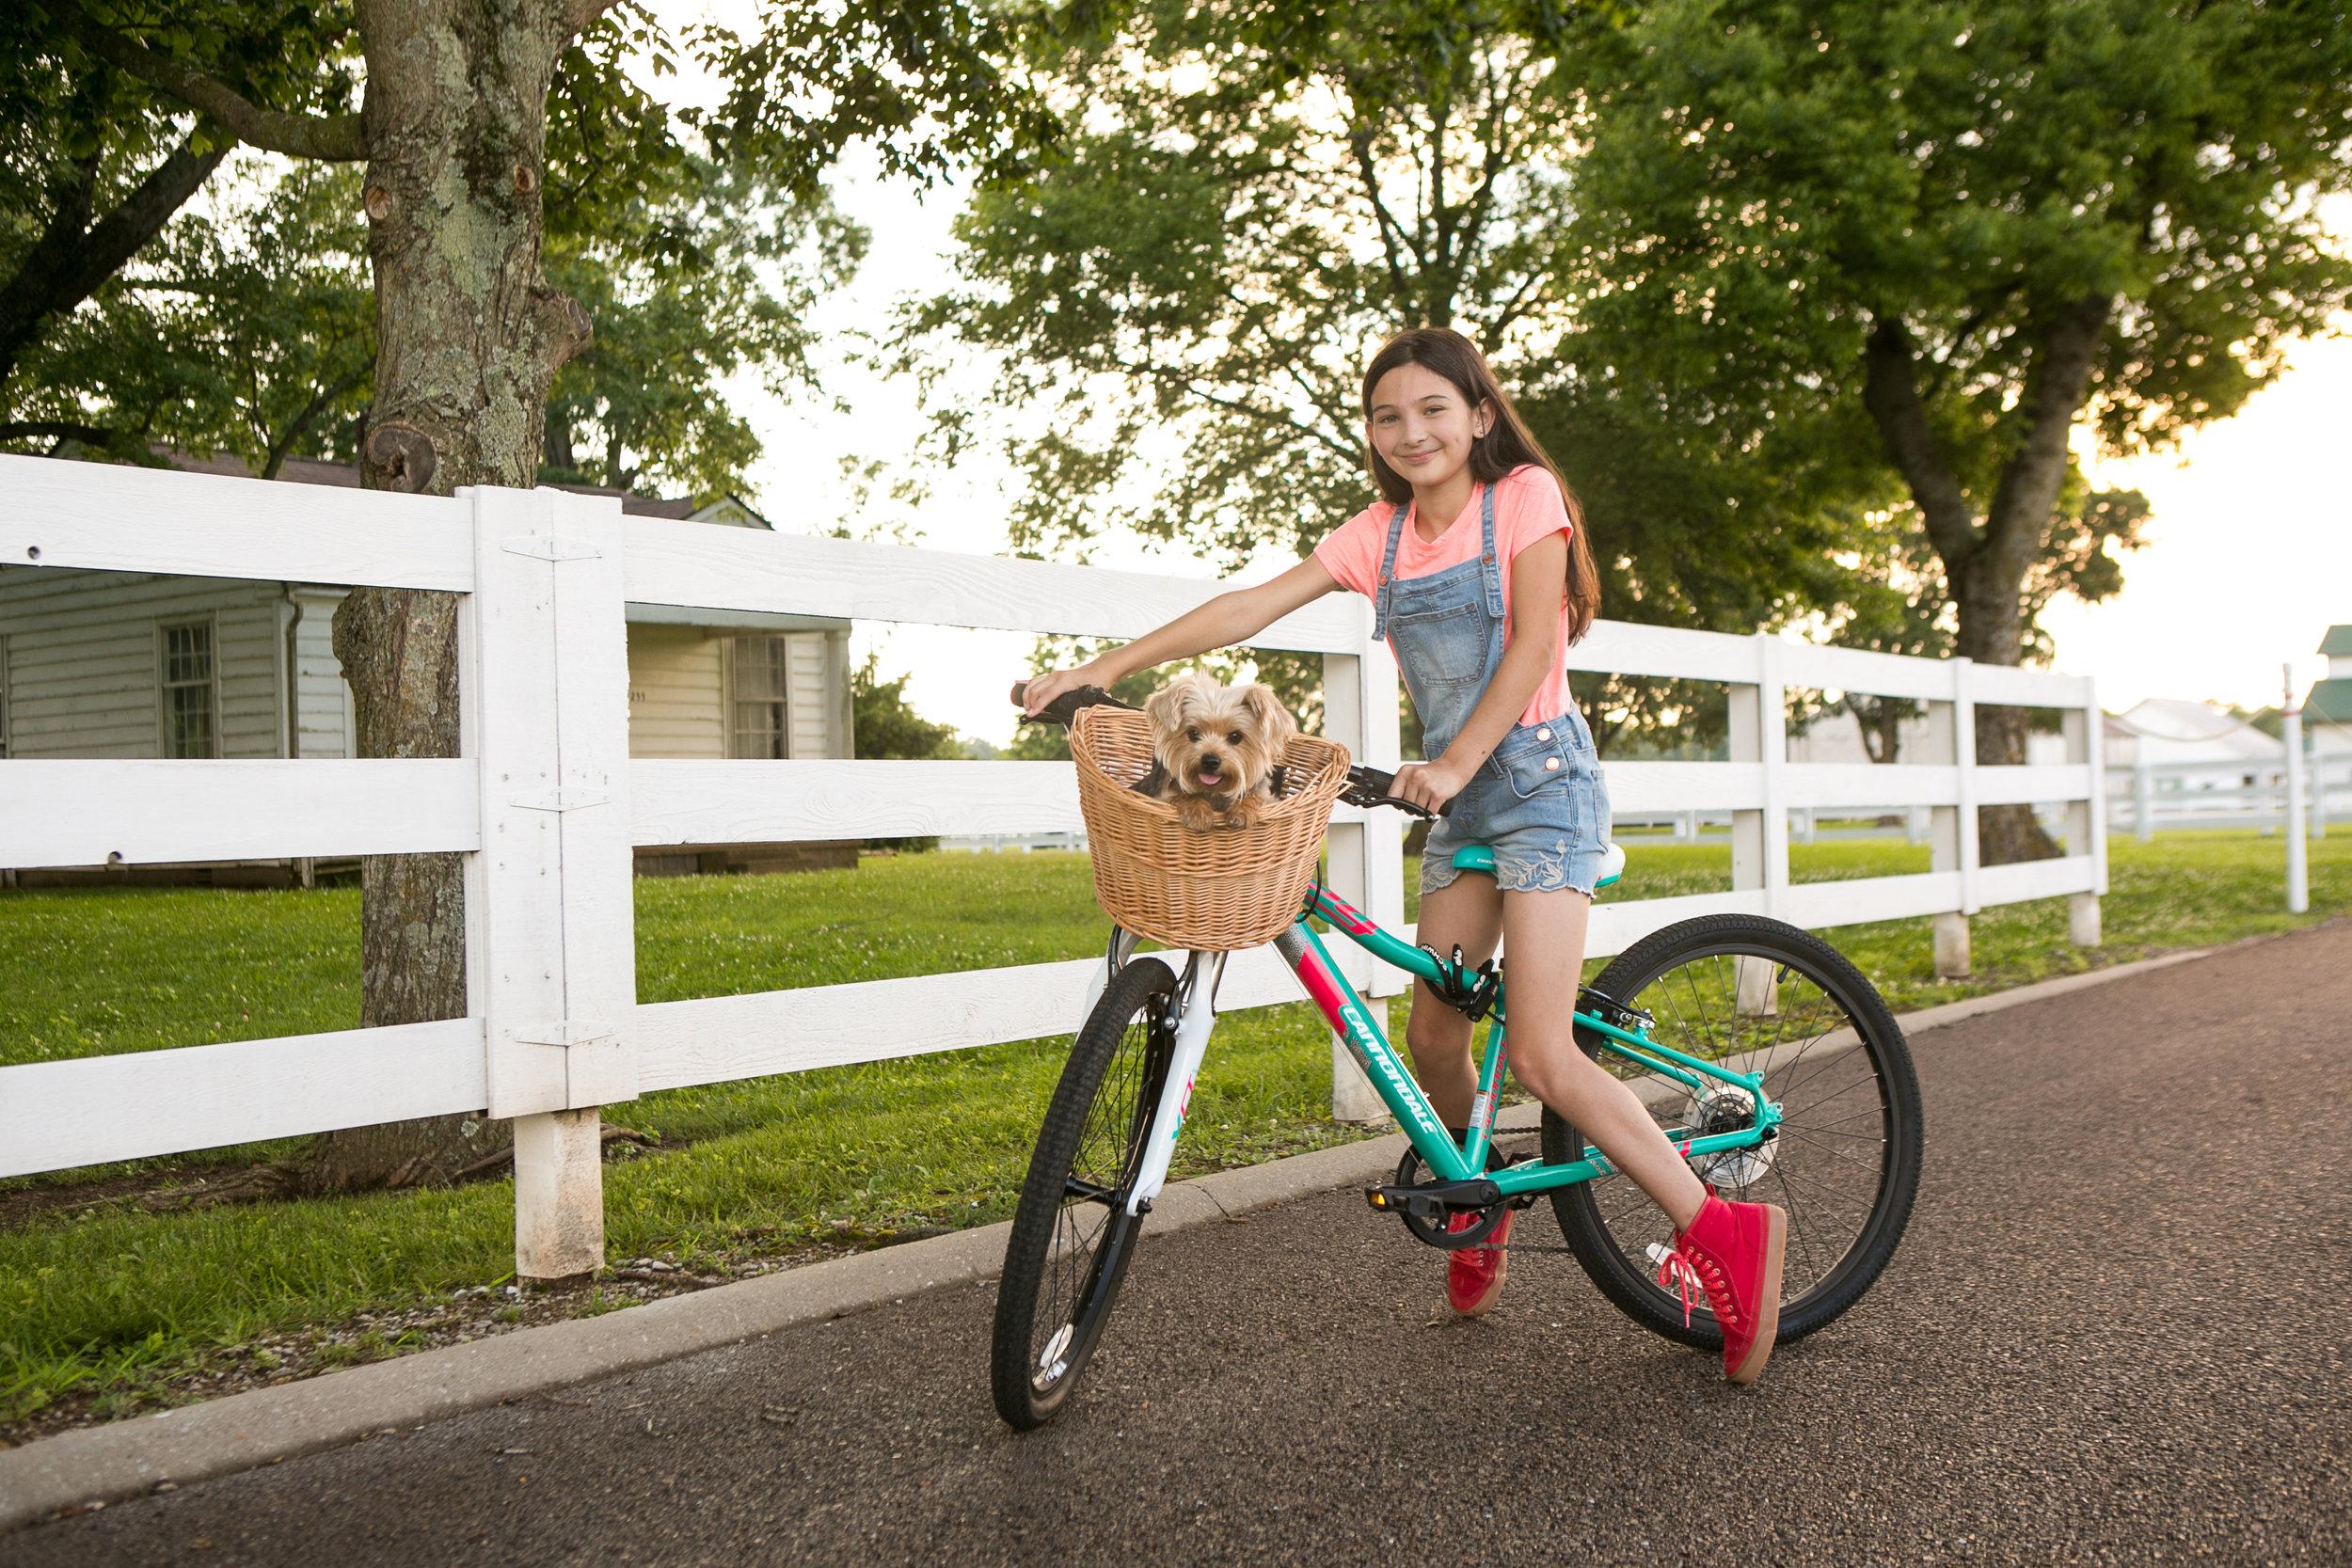 Nashville Pet Photographer | Nashville Portrait Photographer | Dog Photographer in Nashville